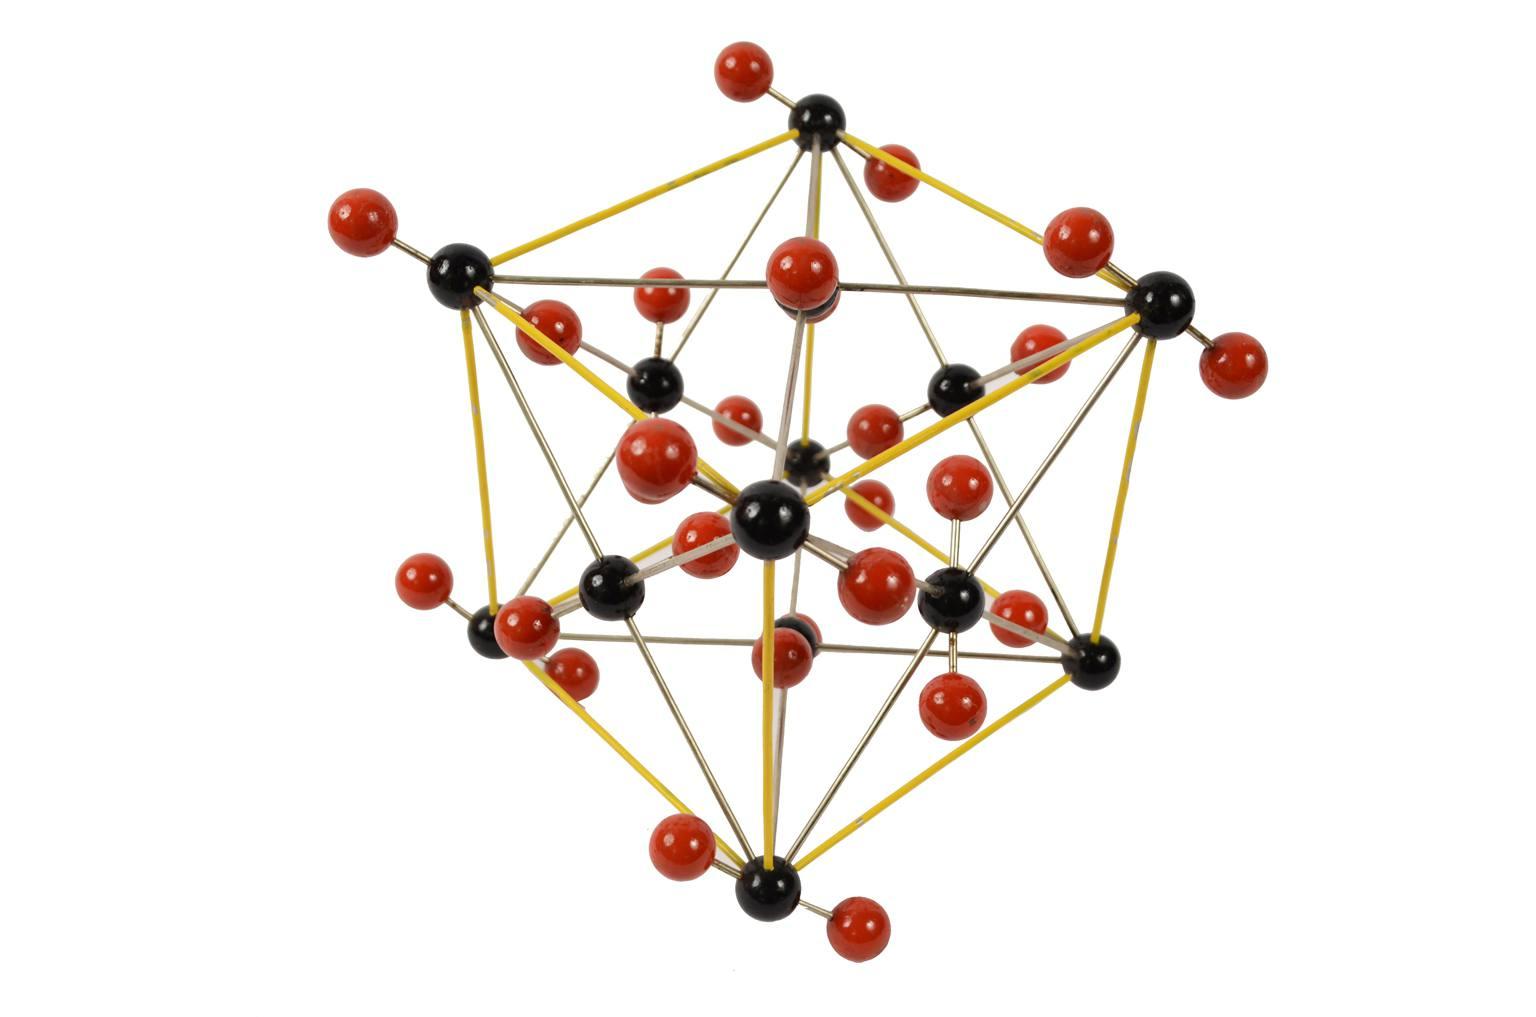 Storia naturale/6447-Struttura atomica